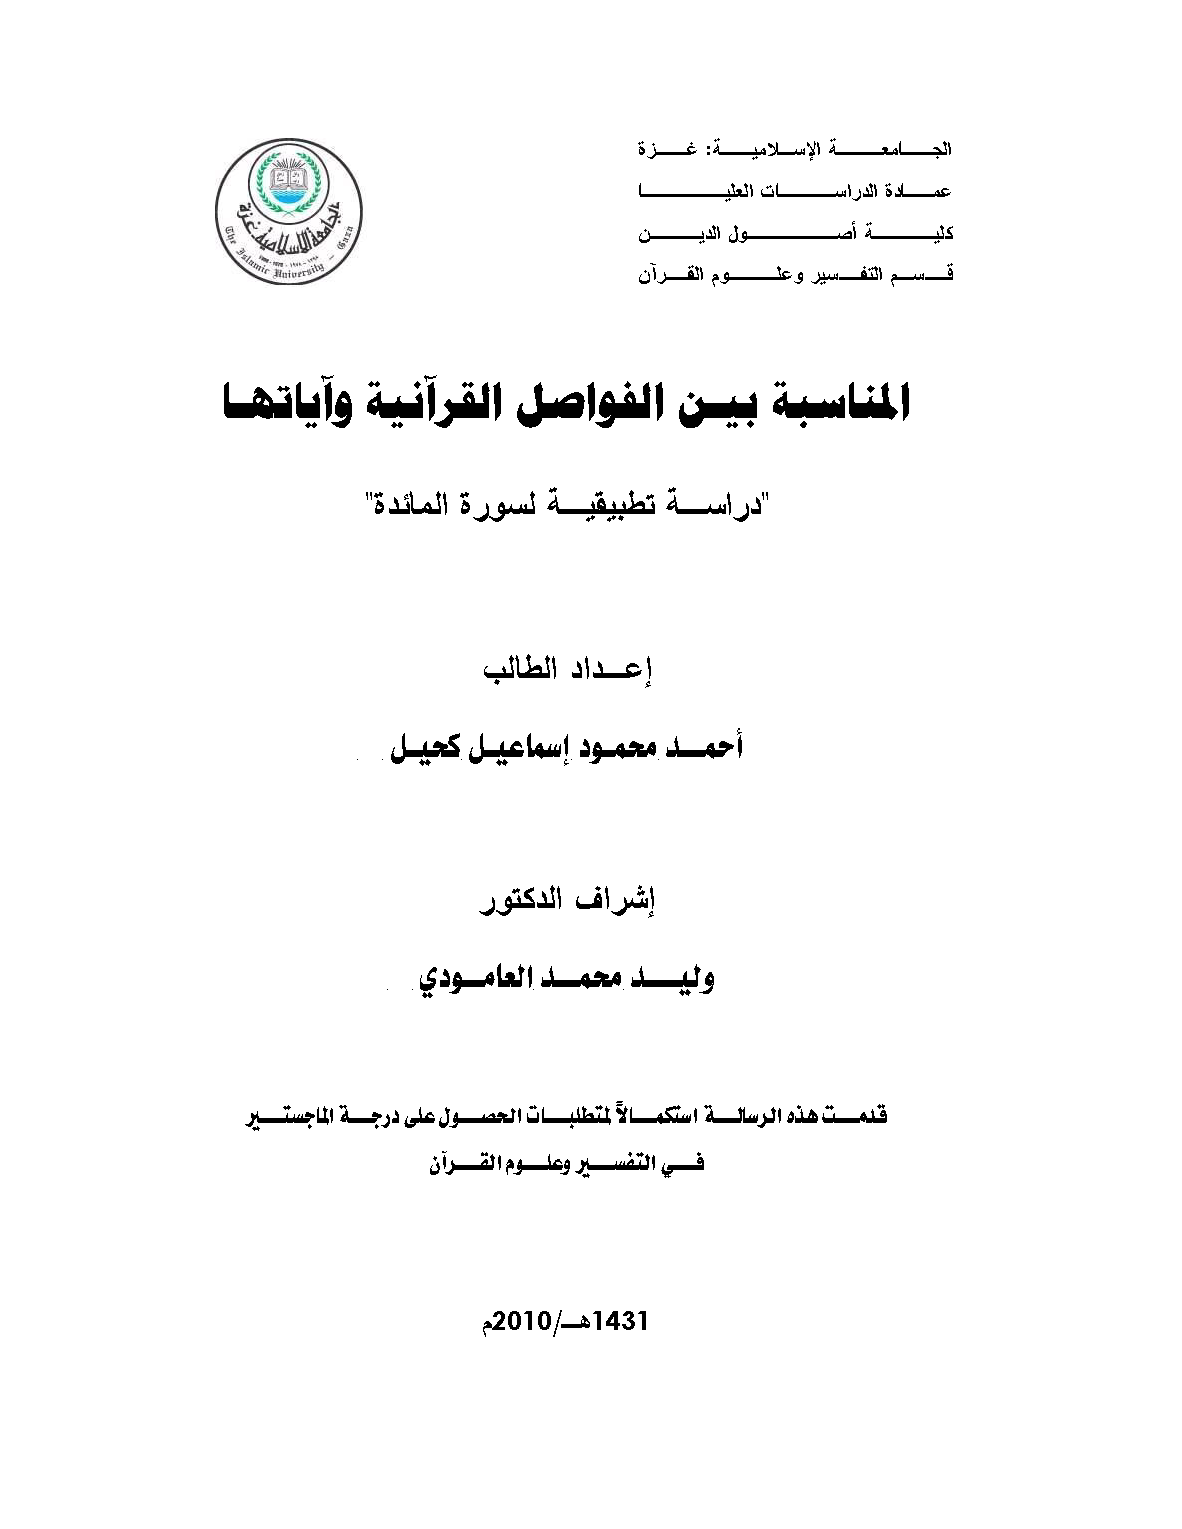 تحميل كتاب المناسبة بين الفواصل القرآنية وآياتها (دراسة تطبيقية لسورة المائدة) لـِ: أحمد محمود إسماعيل كحيل